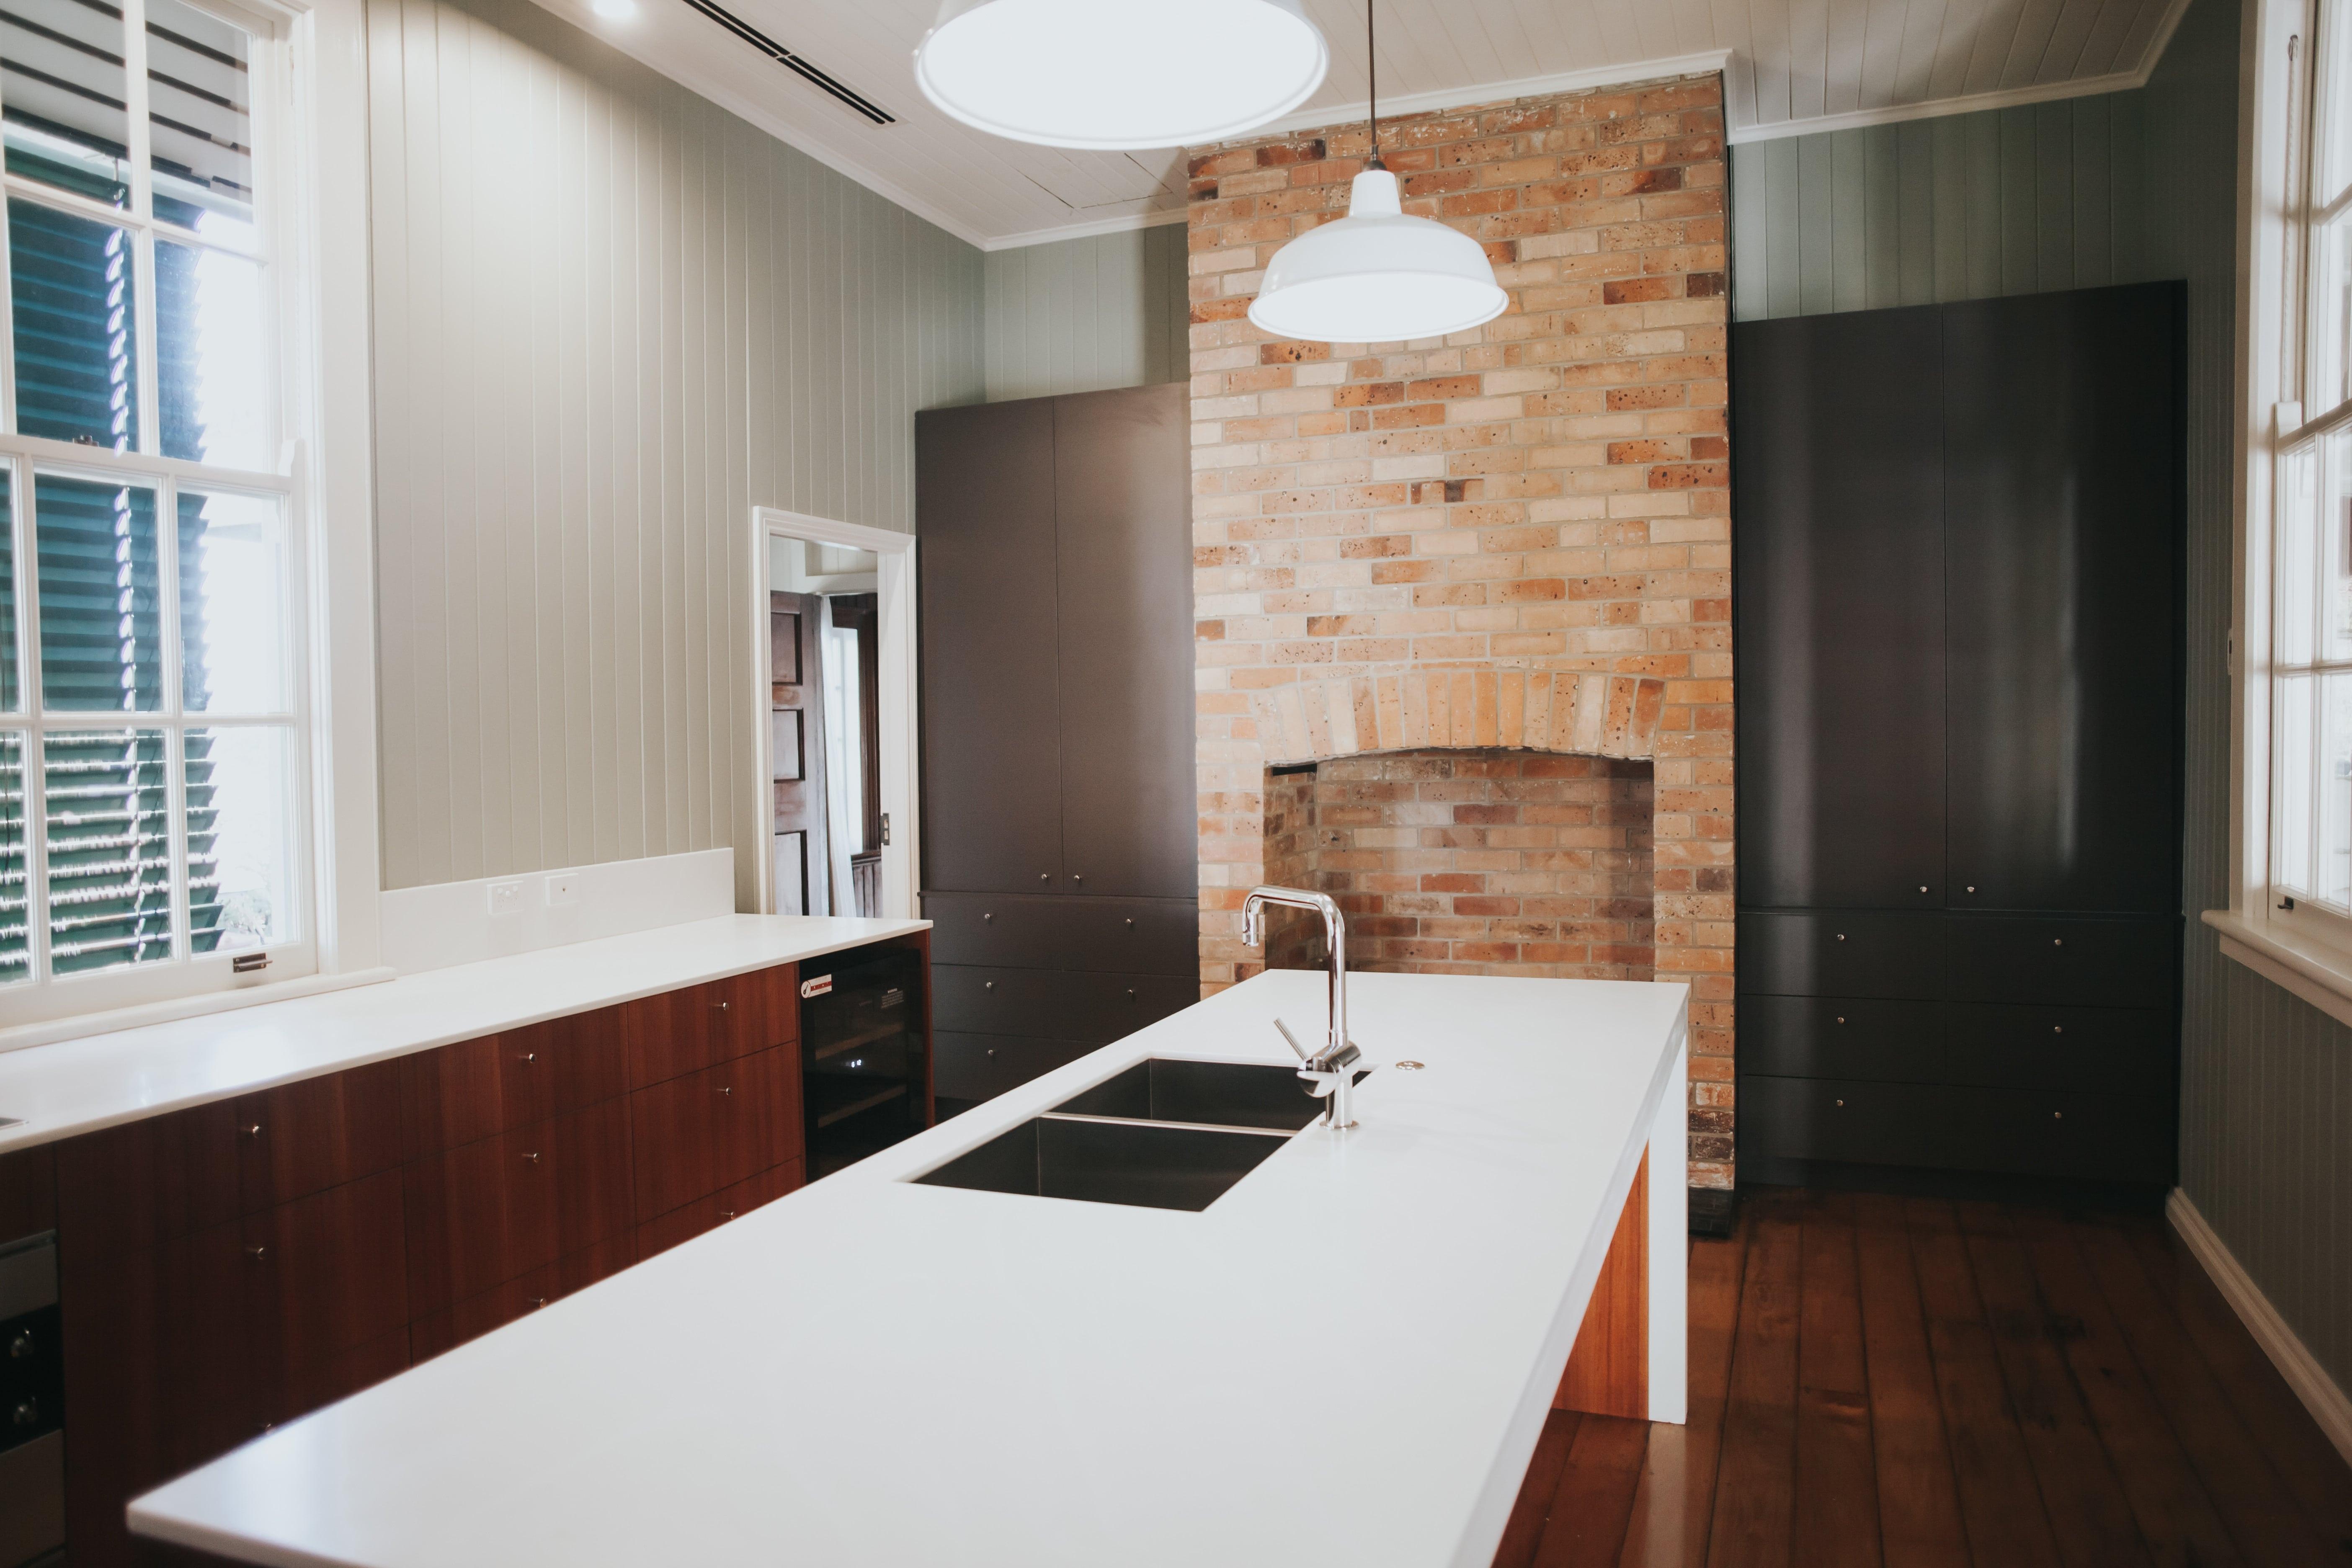 My Dream Kitchen Fashionandstylepolice: Musings: My Dream Kitchen Moodboard